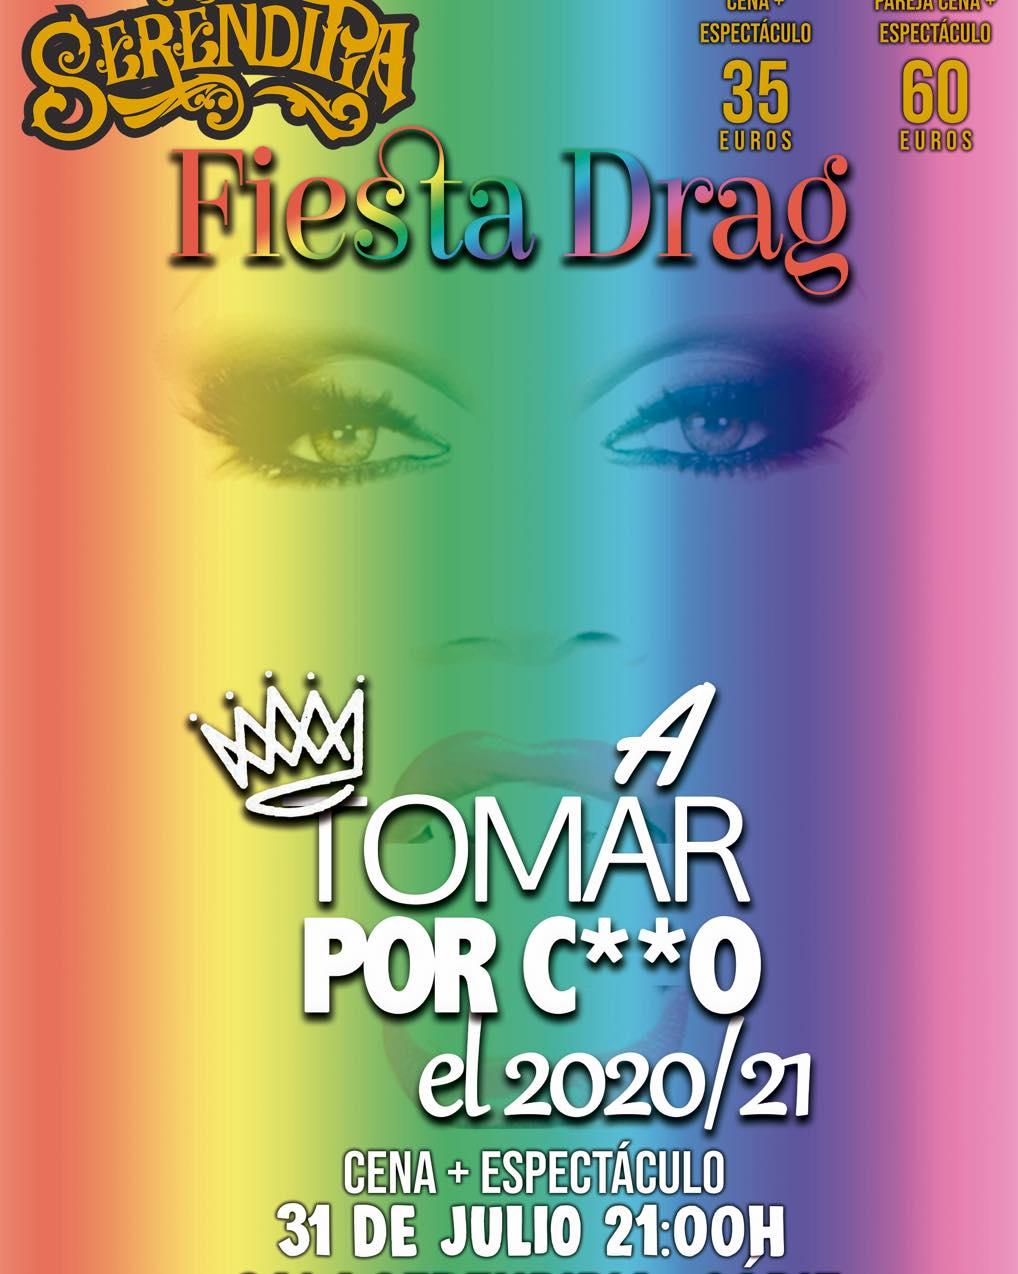 """Cena con Espectáculo Drag Queen """"A tomar por c**o el 2021"""" en Serendipia"""